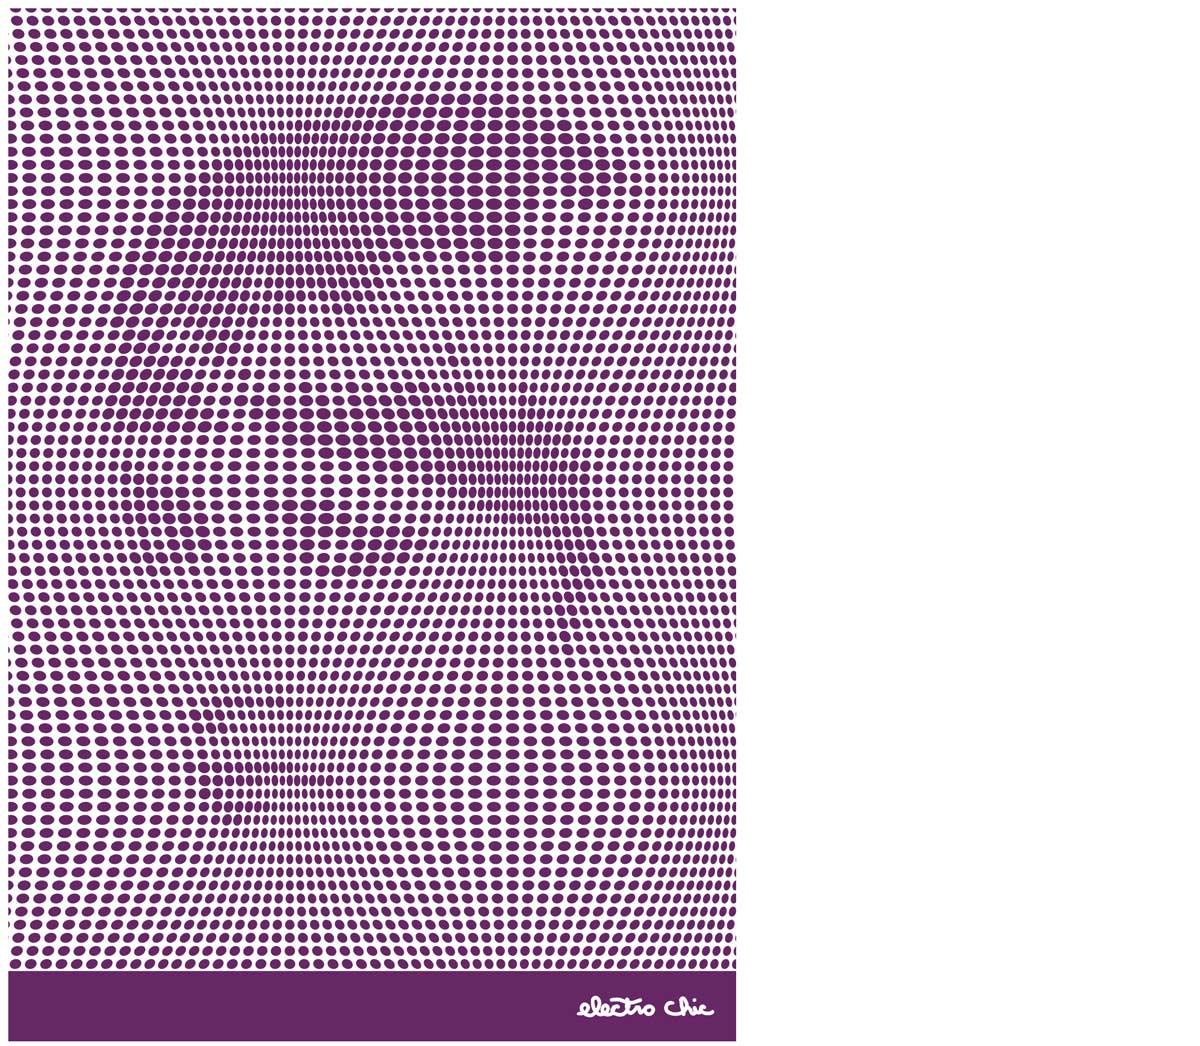 francoisprost-electrochic-1046×1200